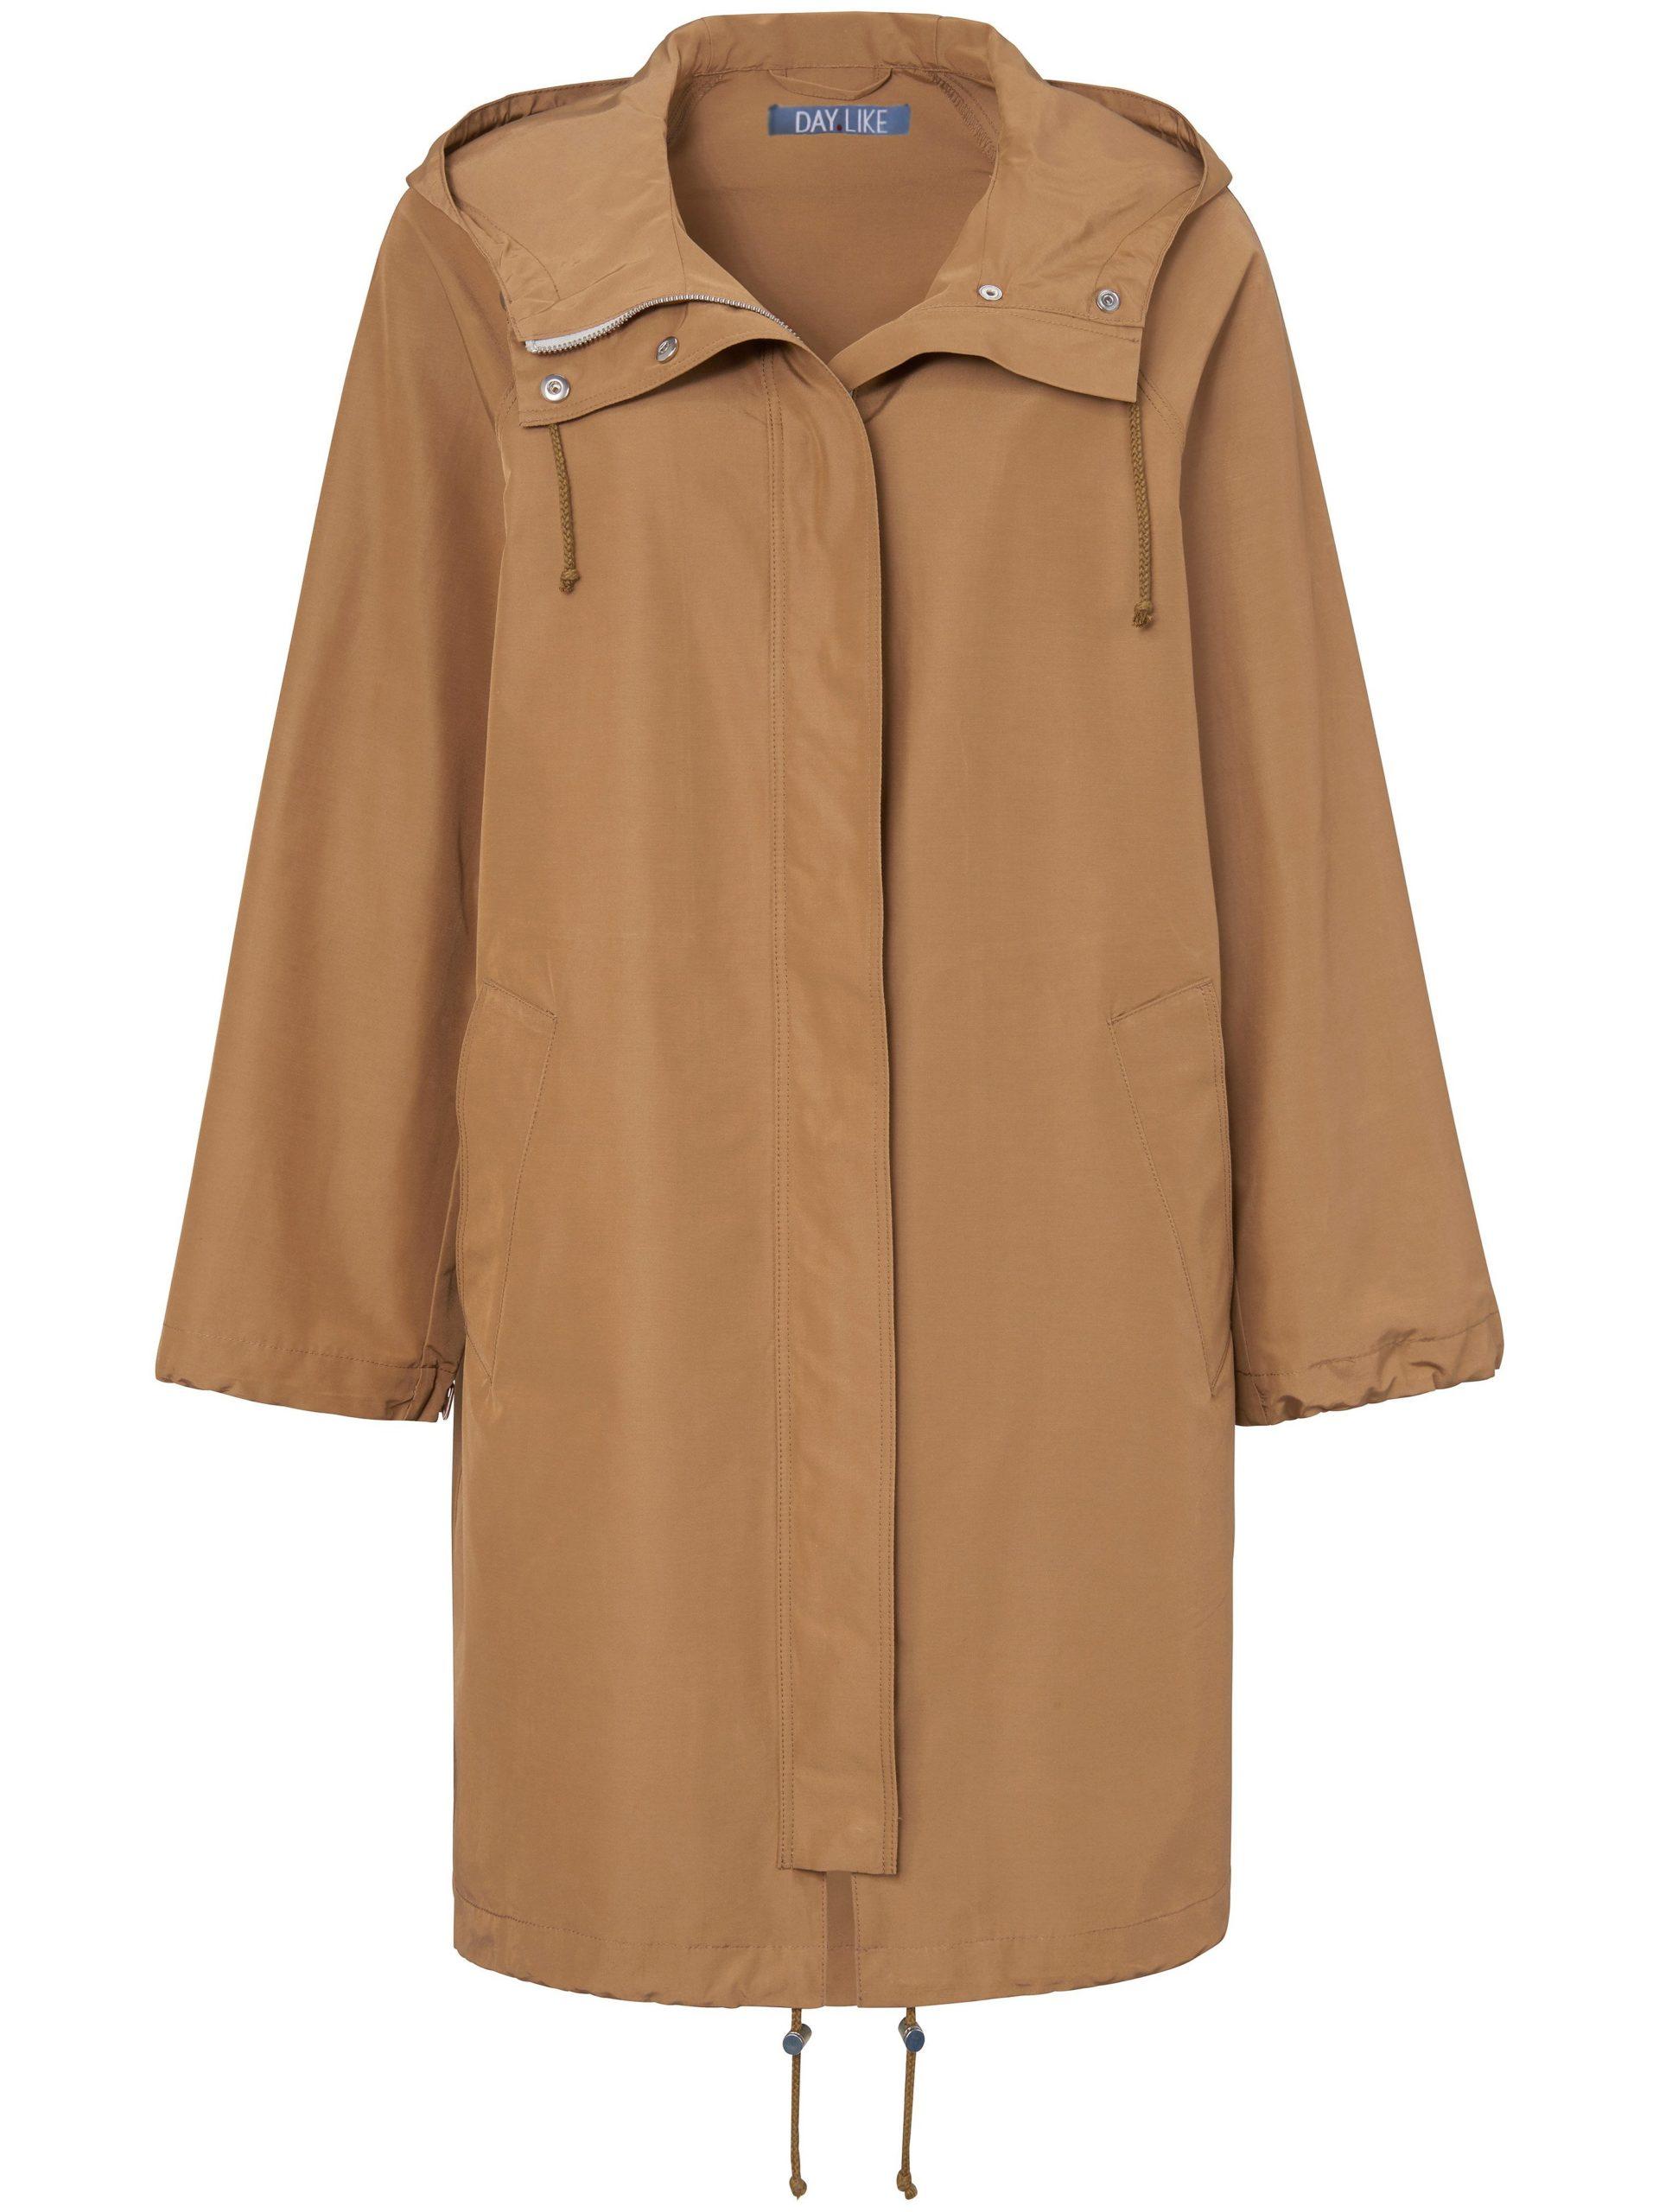 Lange jas met capuchon Van DAY.LIKE bruin Kopen